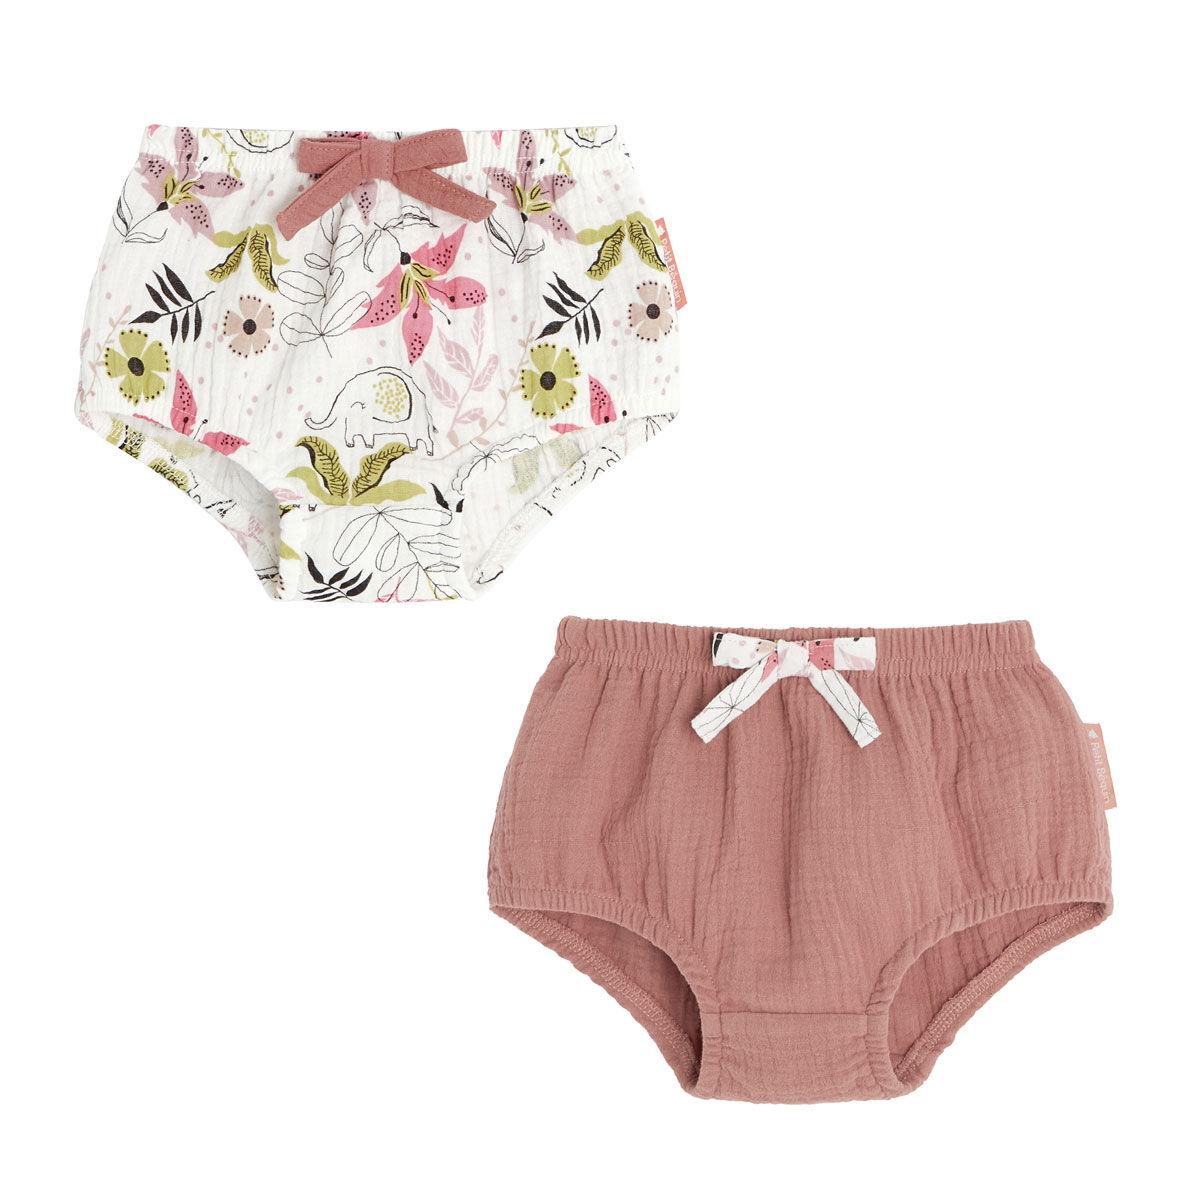 Petit Béguin Lot de 2 culottes bébé fille Singapour - Taille - 12 mois